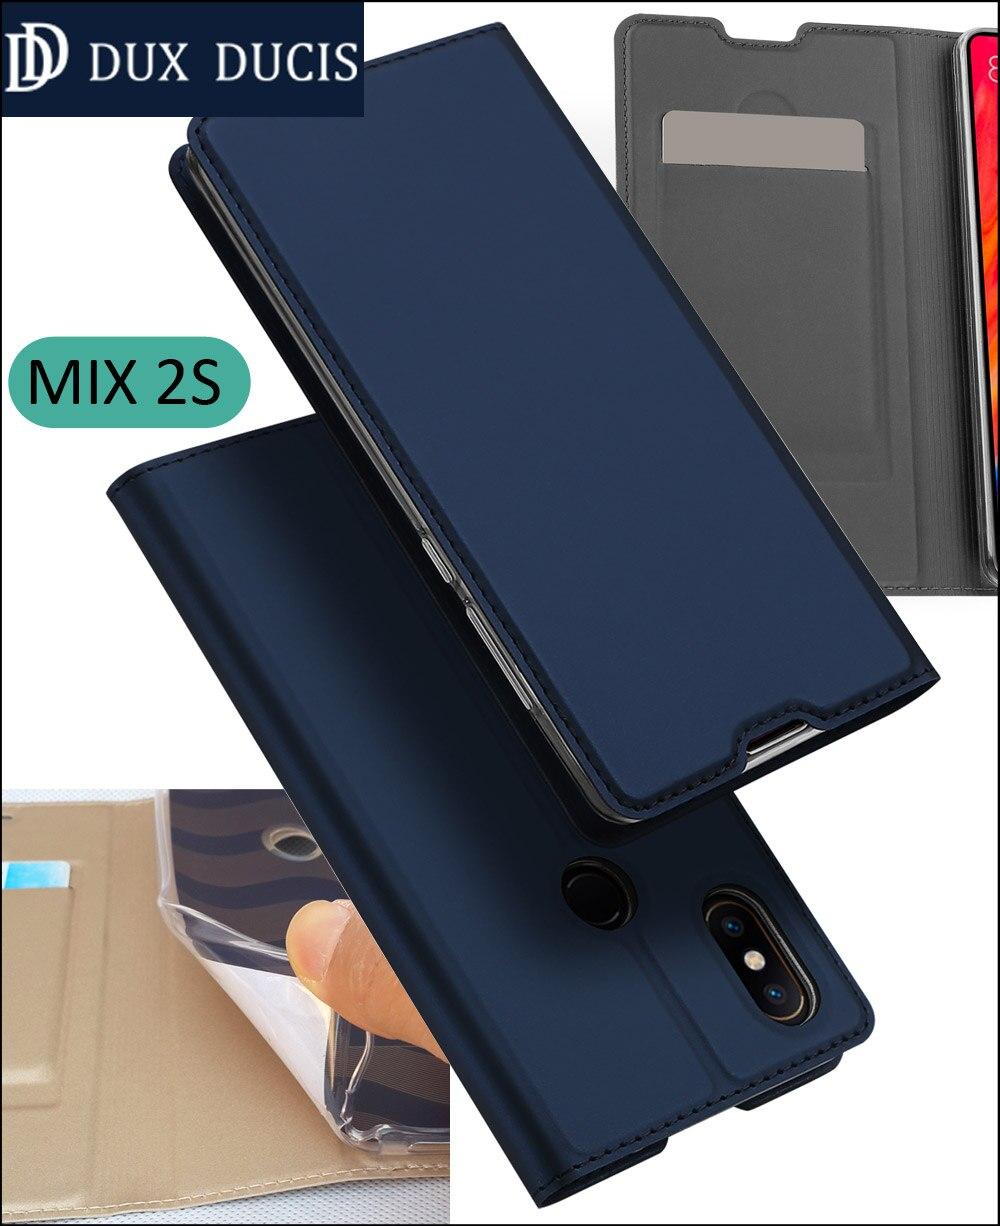 D'origine DUX DUCIS Cas Couverture Pour Xiao mi mi mi x 2 s FLIP book portefeuille En Cuir Coque Mi X2S